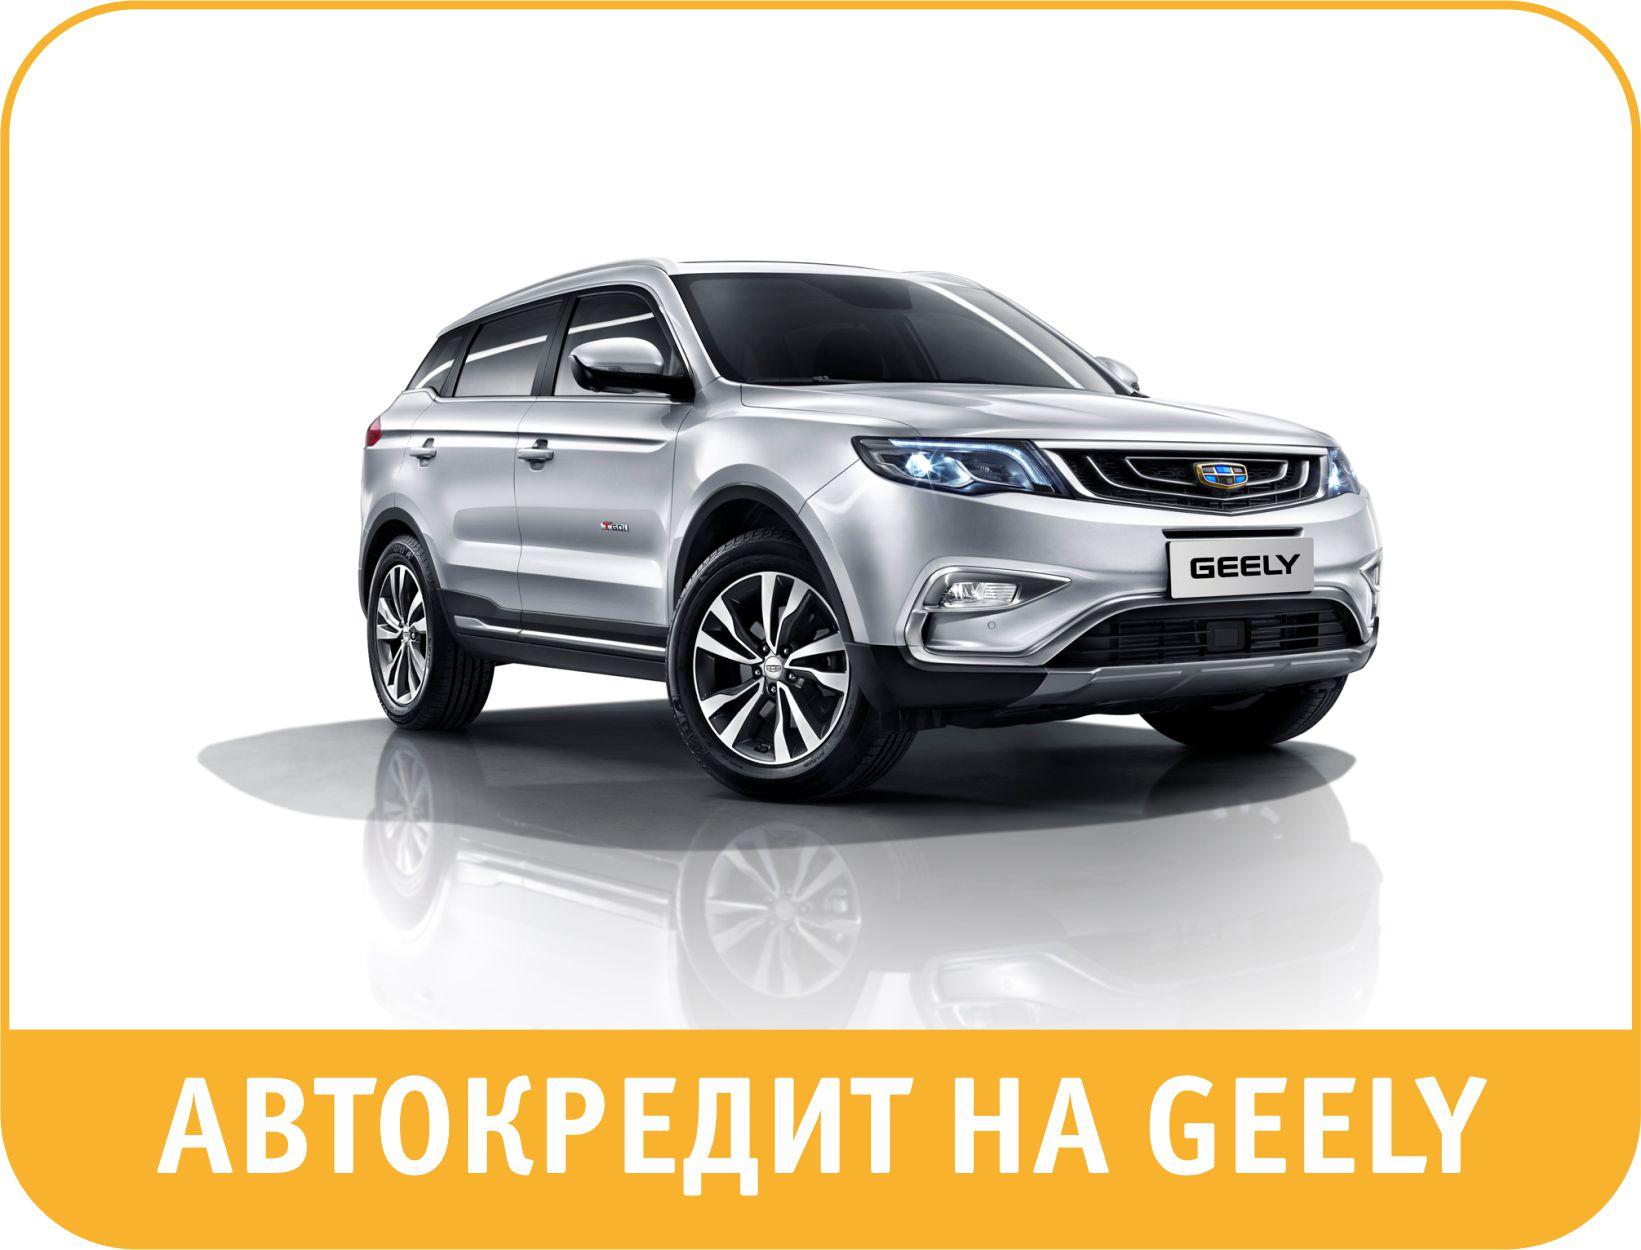 кредит в беларусбанке на покупку автомобиля лада займ под залог квартиры за 1 день fund-1.ru